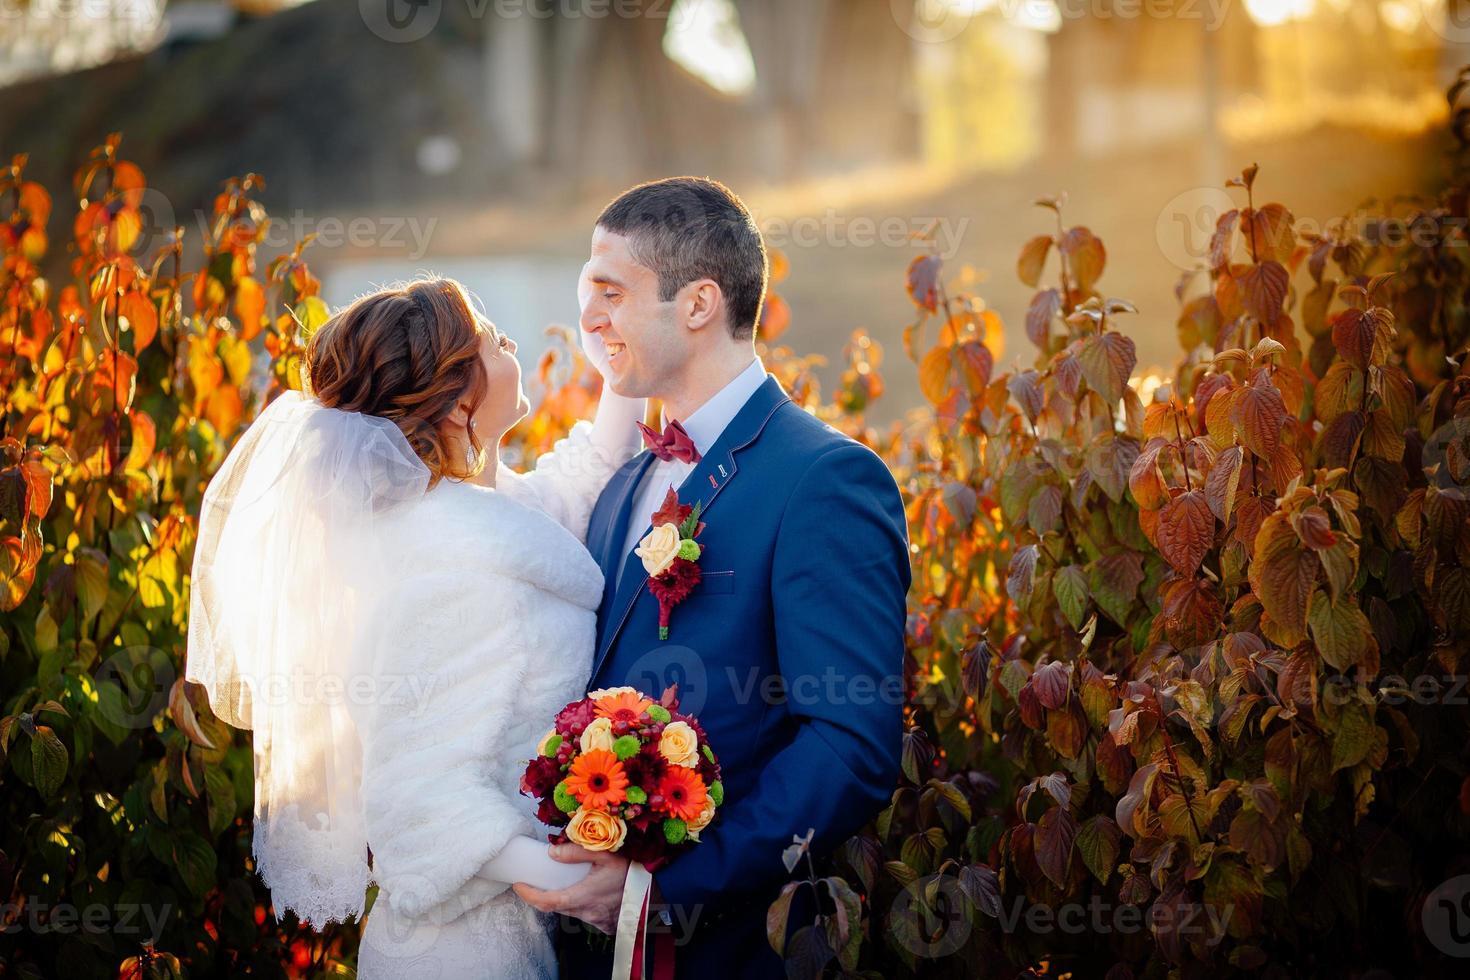 marié et mariée mariage dautomne photo